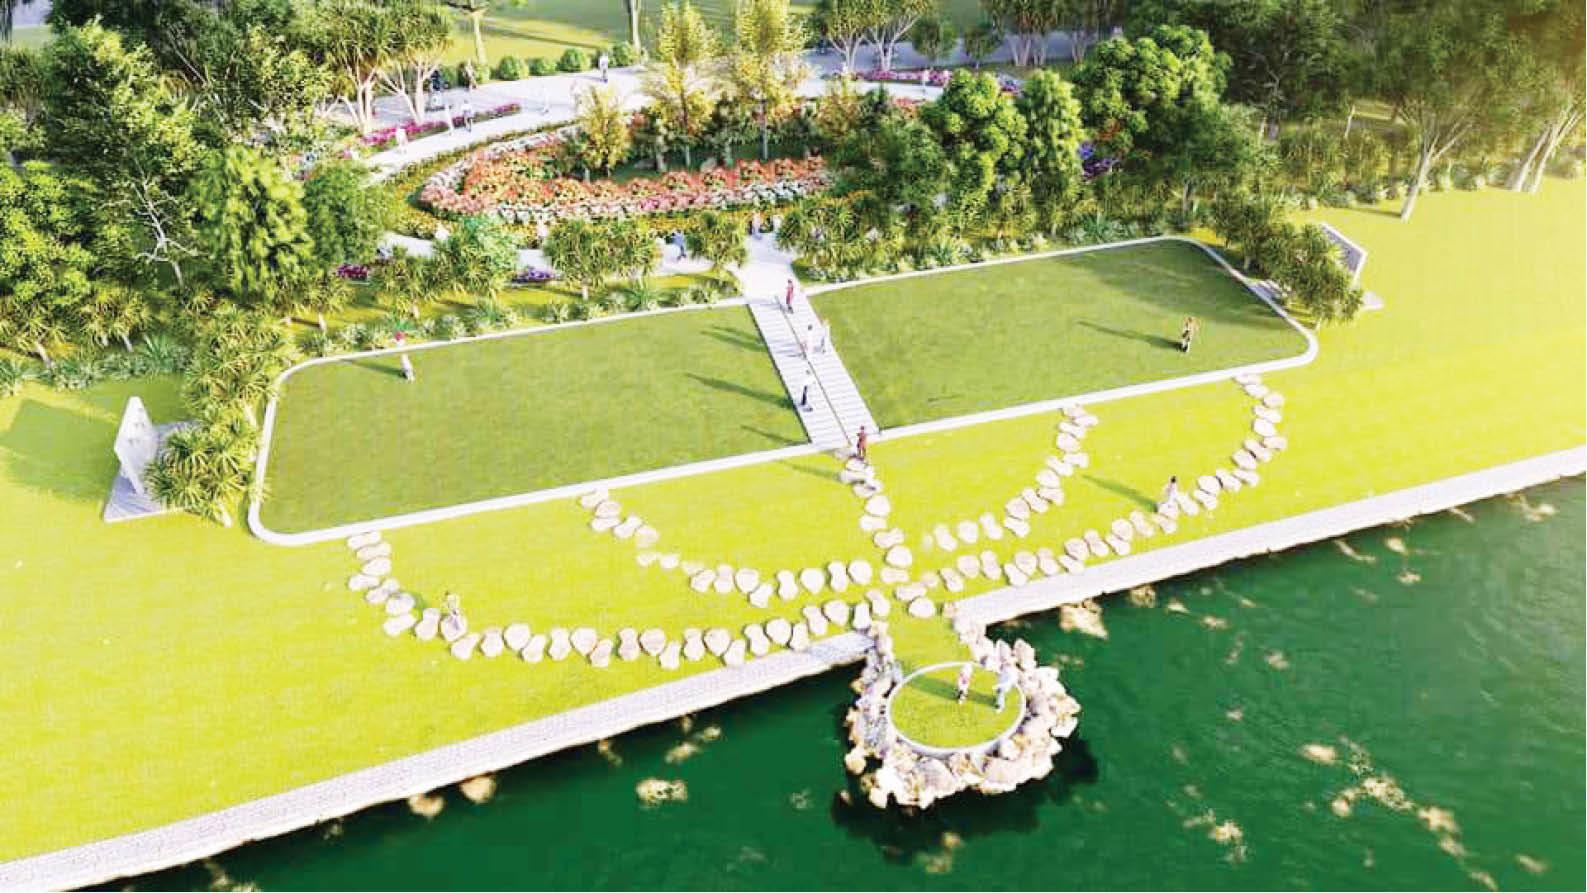 Thừa Thiên Huế: Dựng không gian công cộng, tạo điểm nhấn bên bờ sông Hương